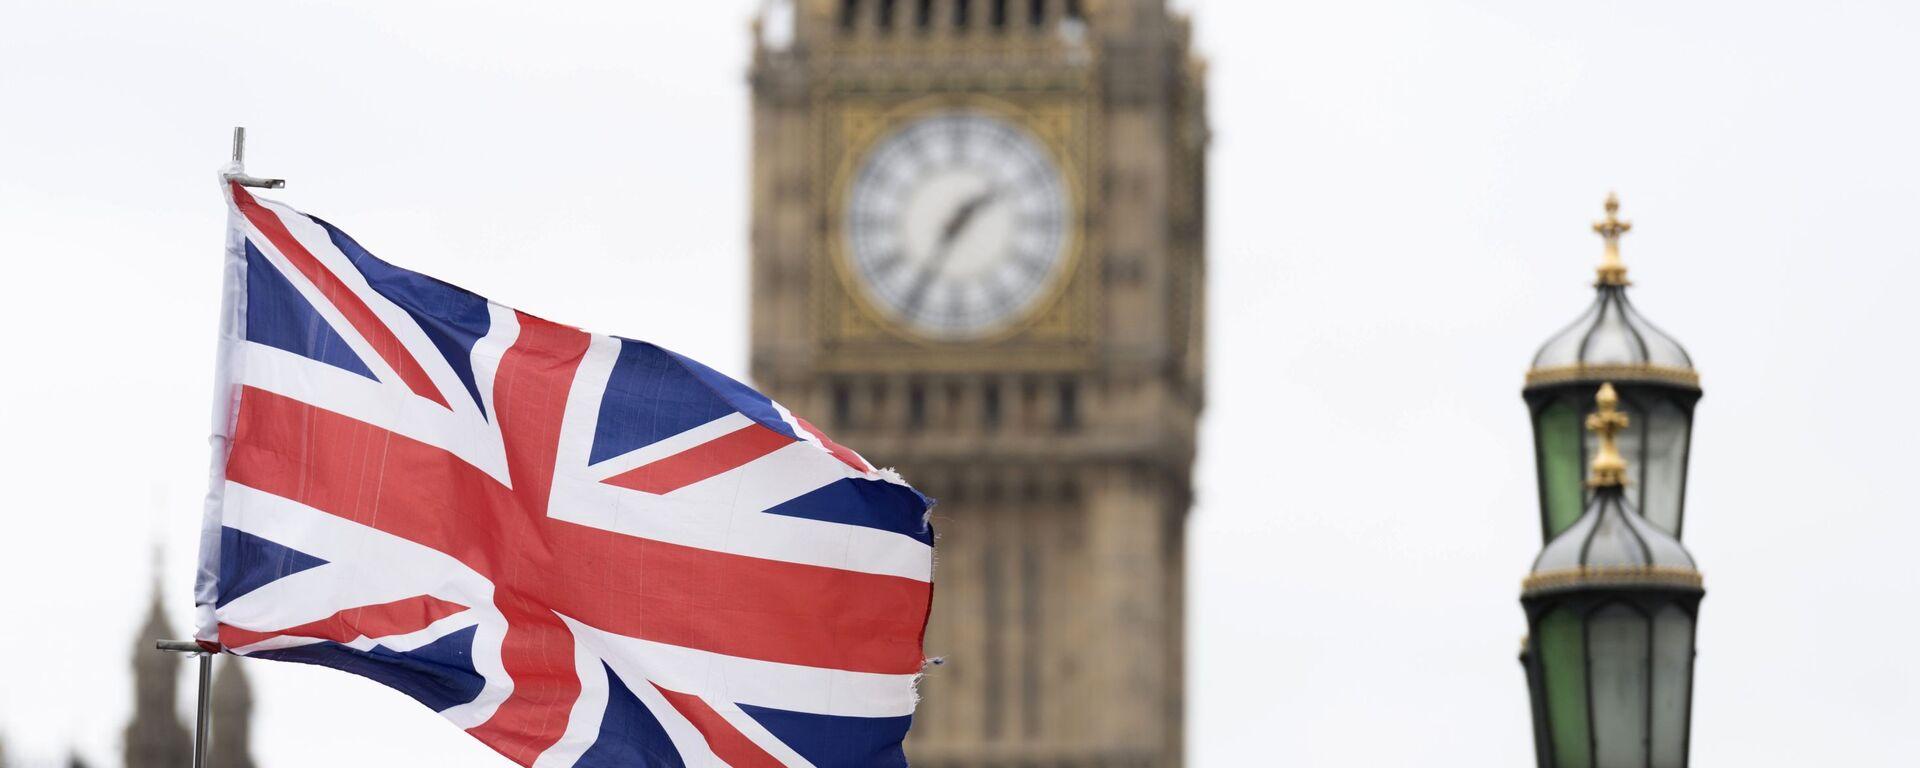 Флаг Великобритании на фоне Вестминстерского дворца в Лондоне - Sputnik Узбекистан, 1920, 30.03.2021